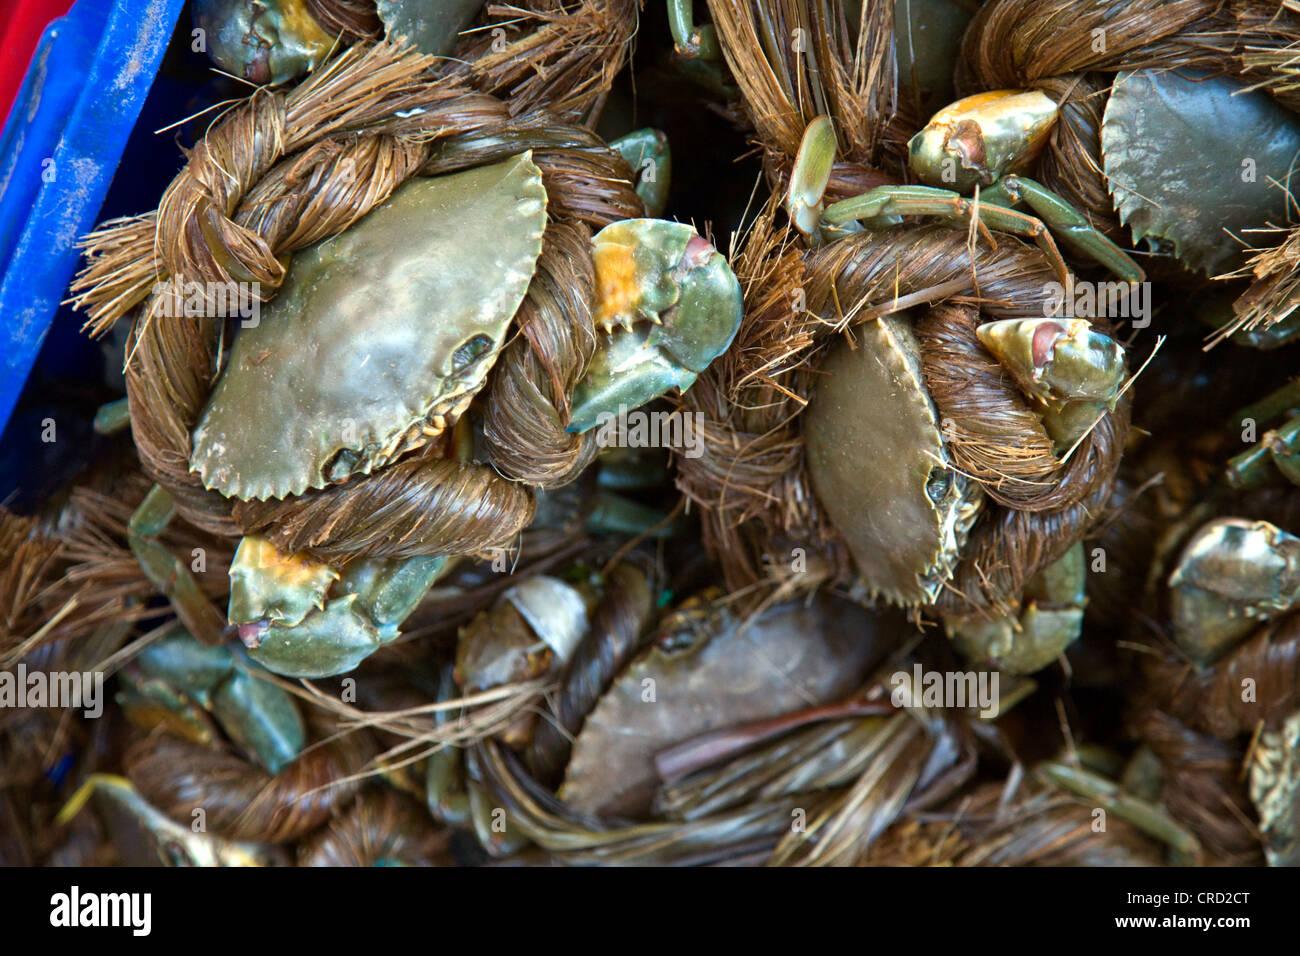 blue swimming crab, sand crab, pelagic swimming crab (Portunus pelagicus), secured in handmade rope await sale in - Stock Image